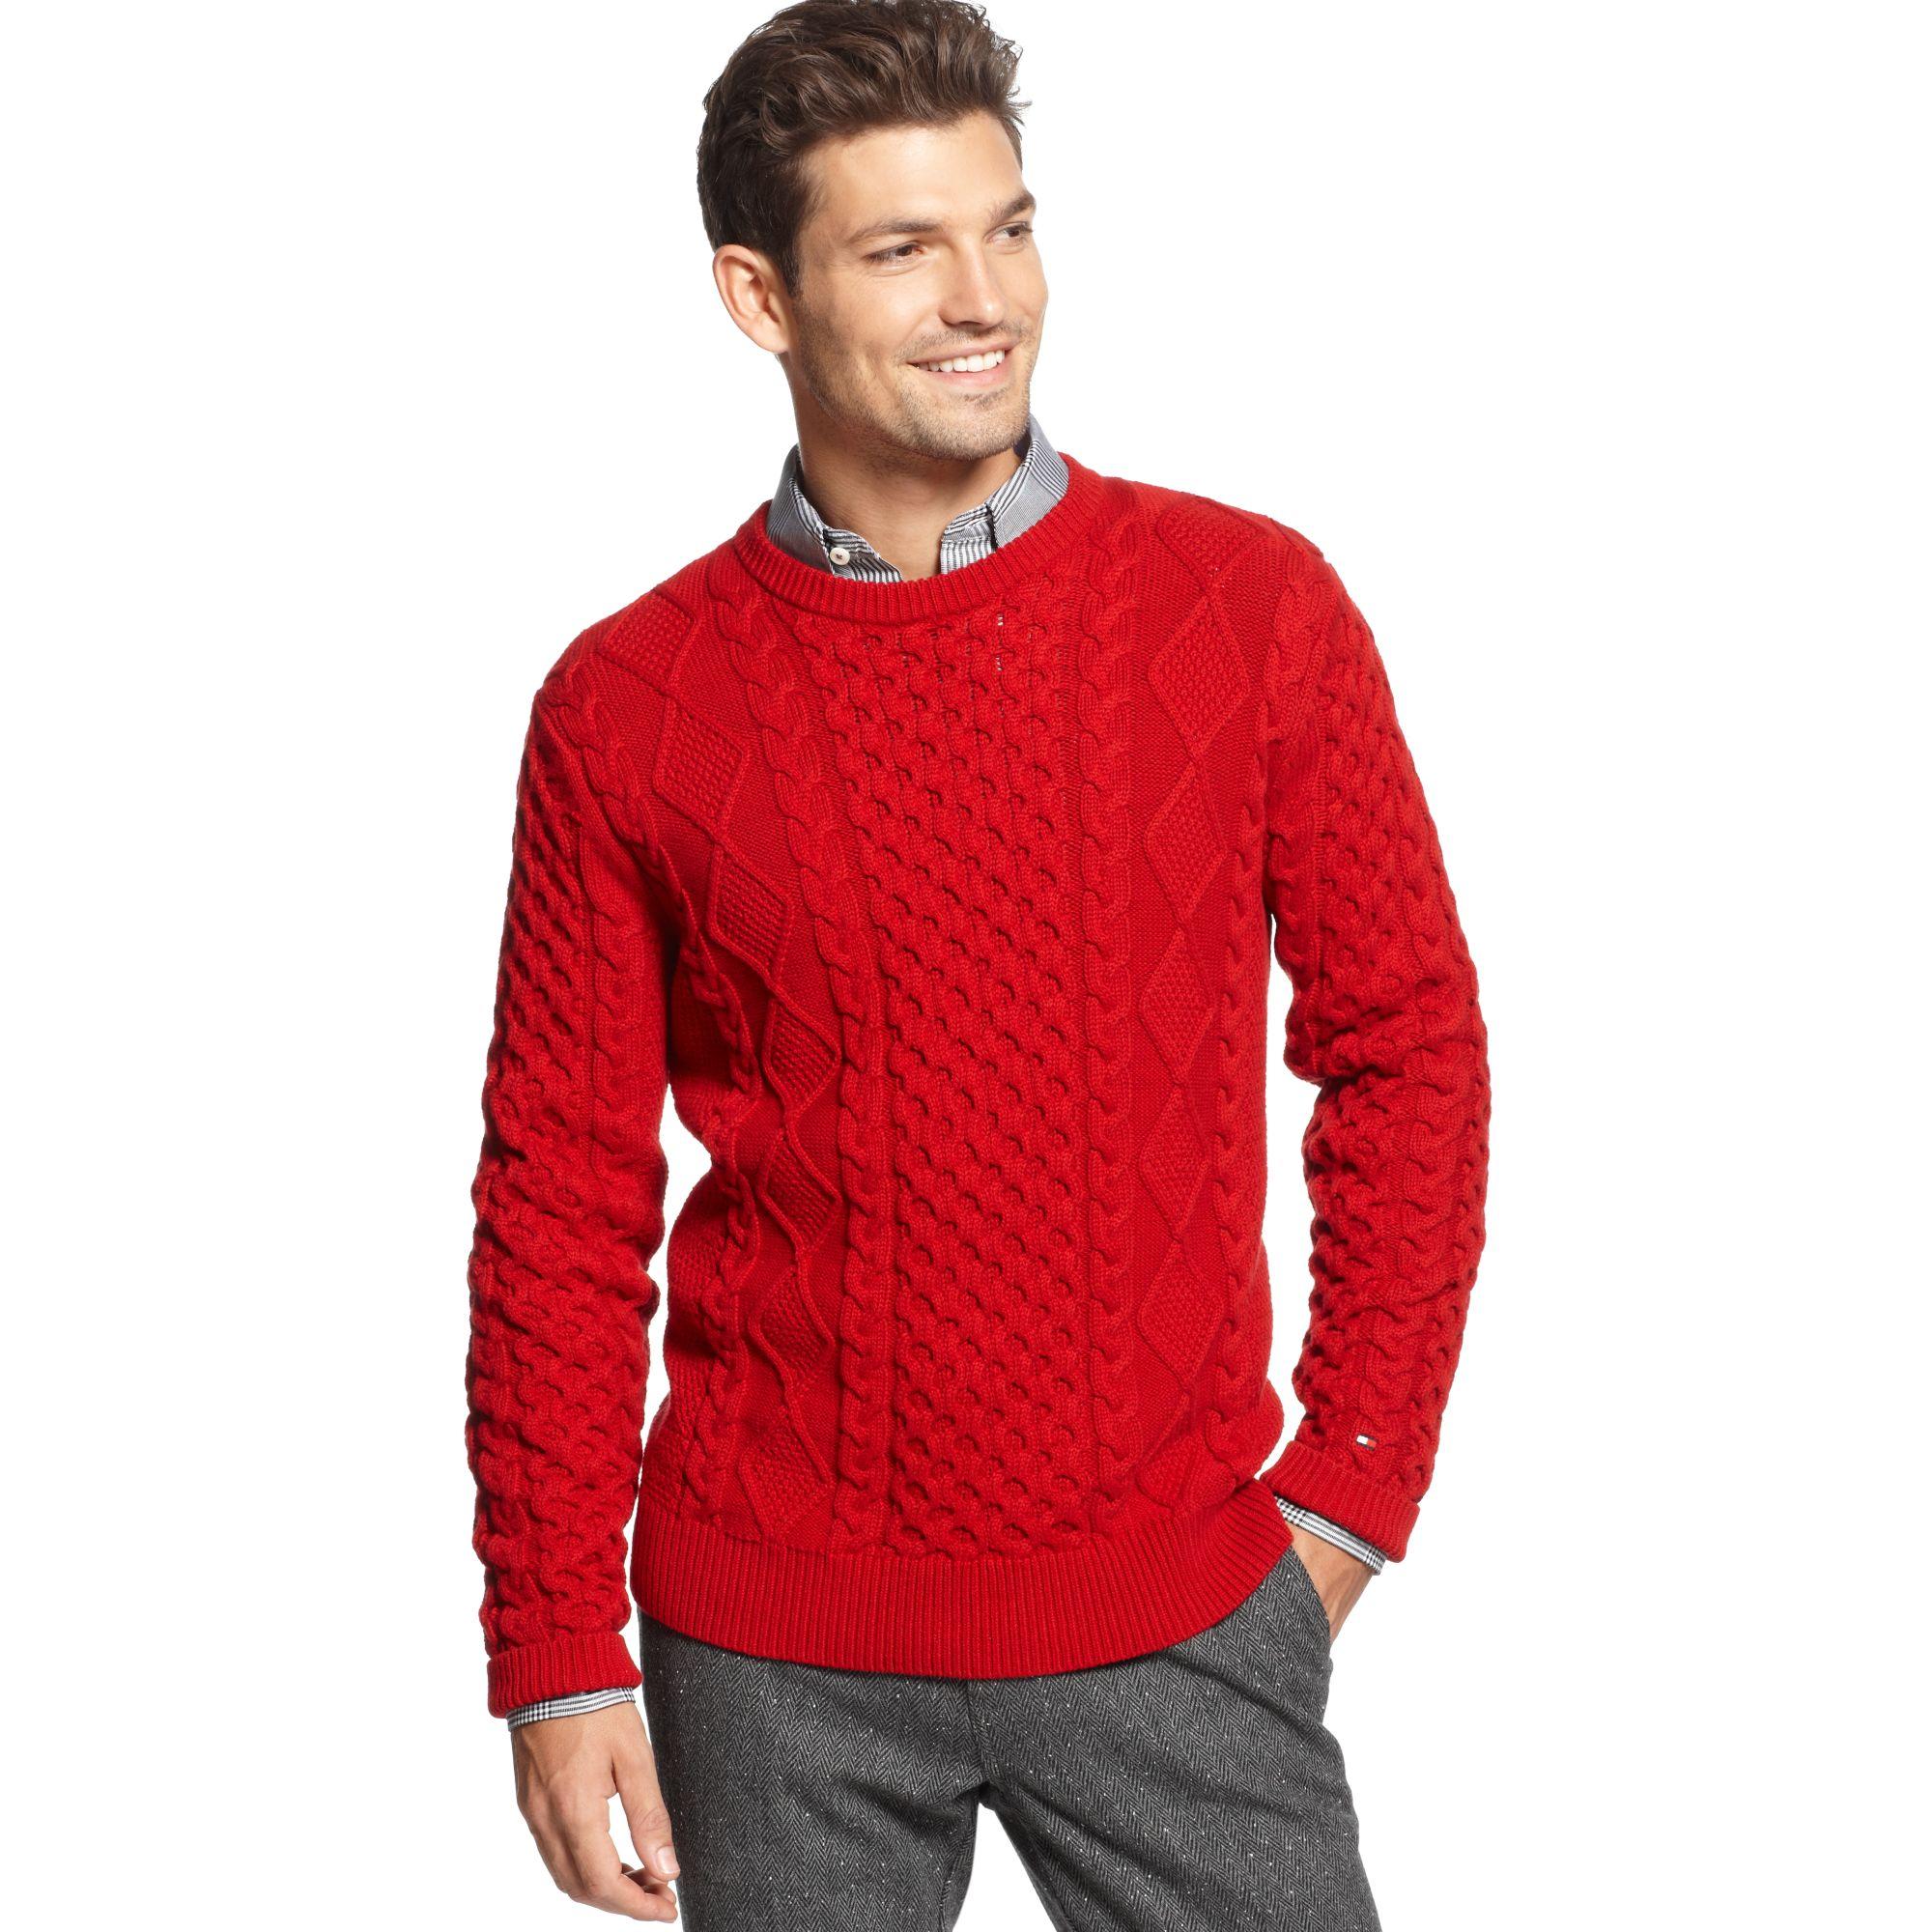 lyst tommy hilfiger knitwear crew neck in red for men. Black Bedroom Furniture Sets. Home Design Ideas